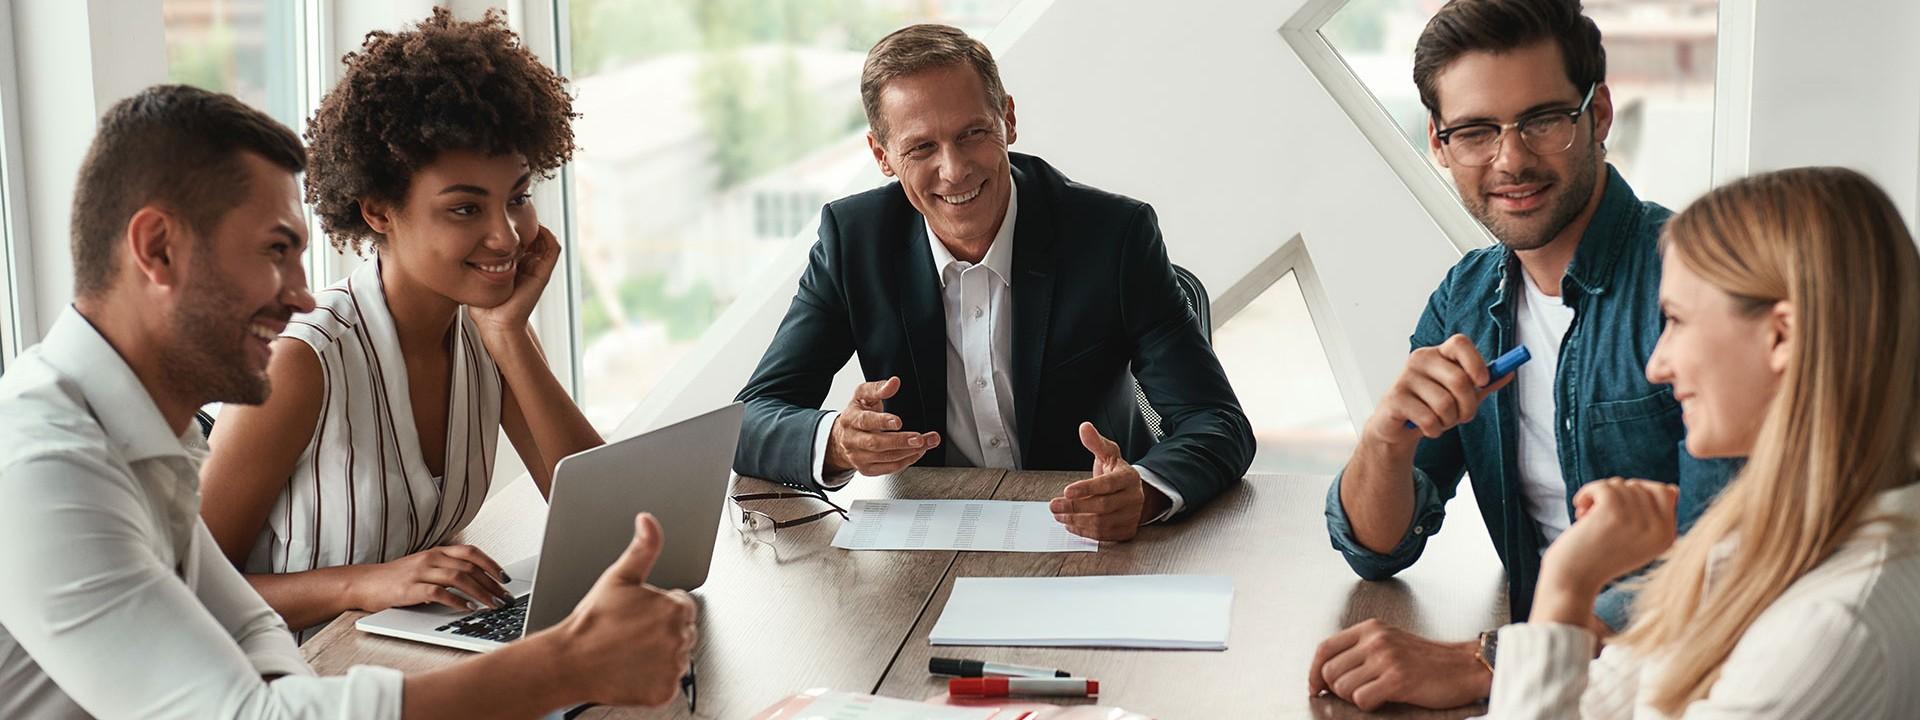 Eine Gruppe 30 bis 50-jähriger Männer und Frauen sitzen im Büro an einem Tisch und diskutieren.